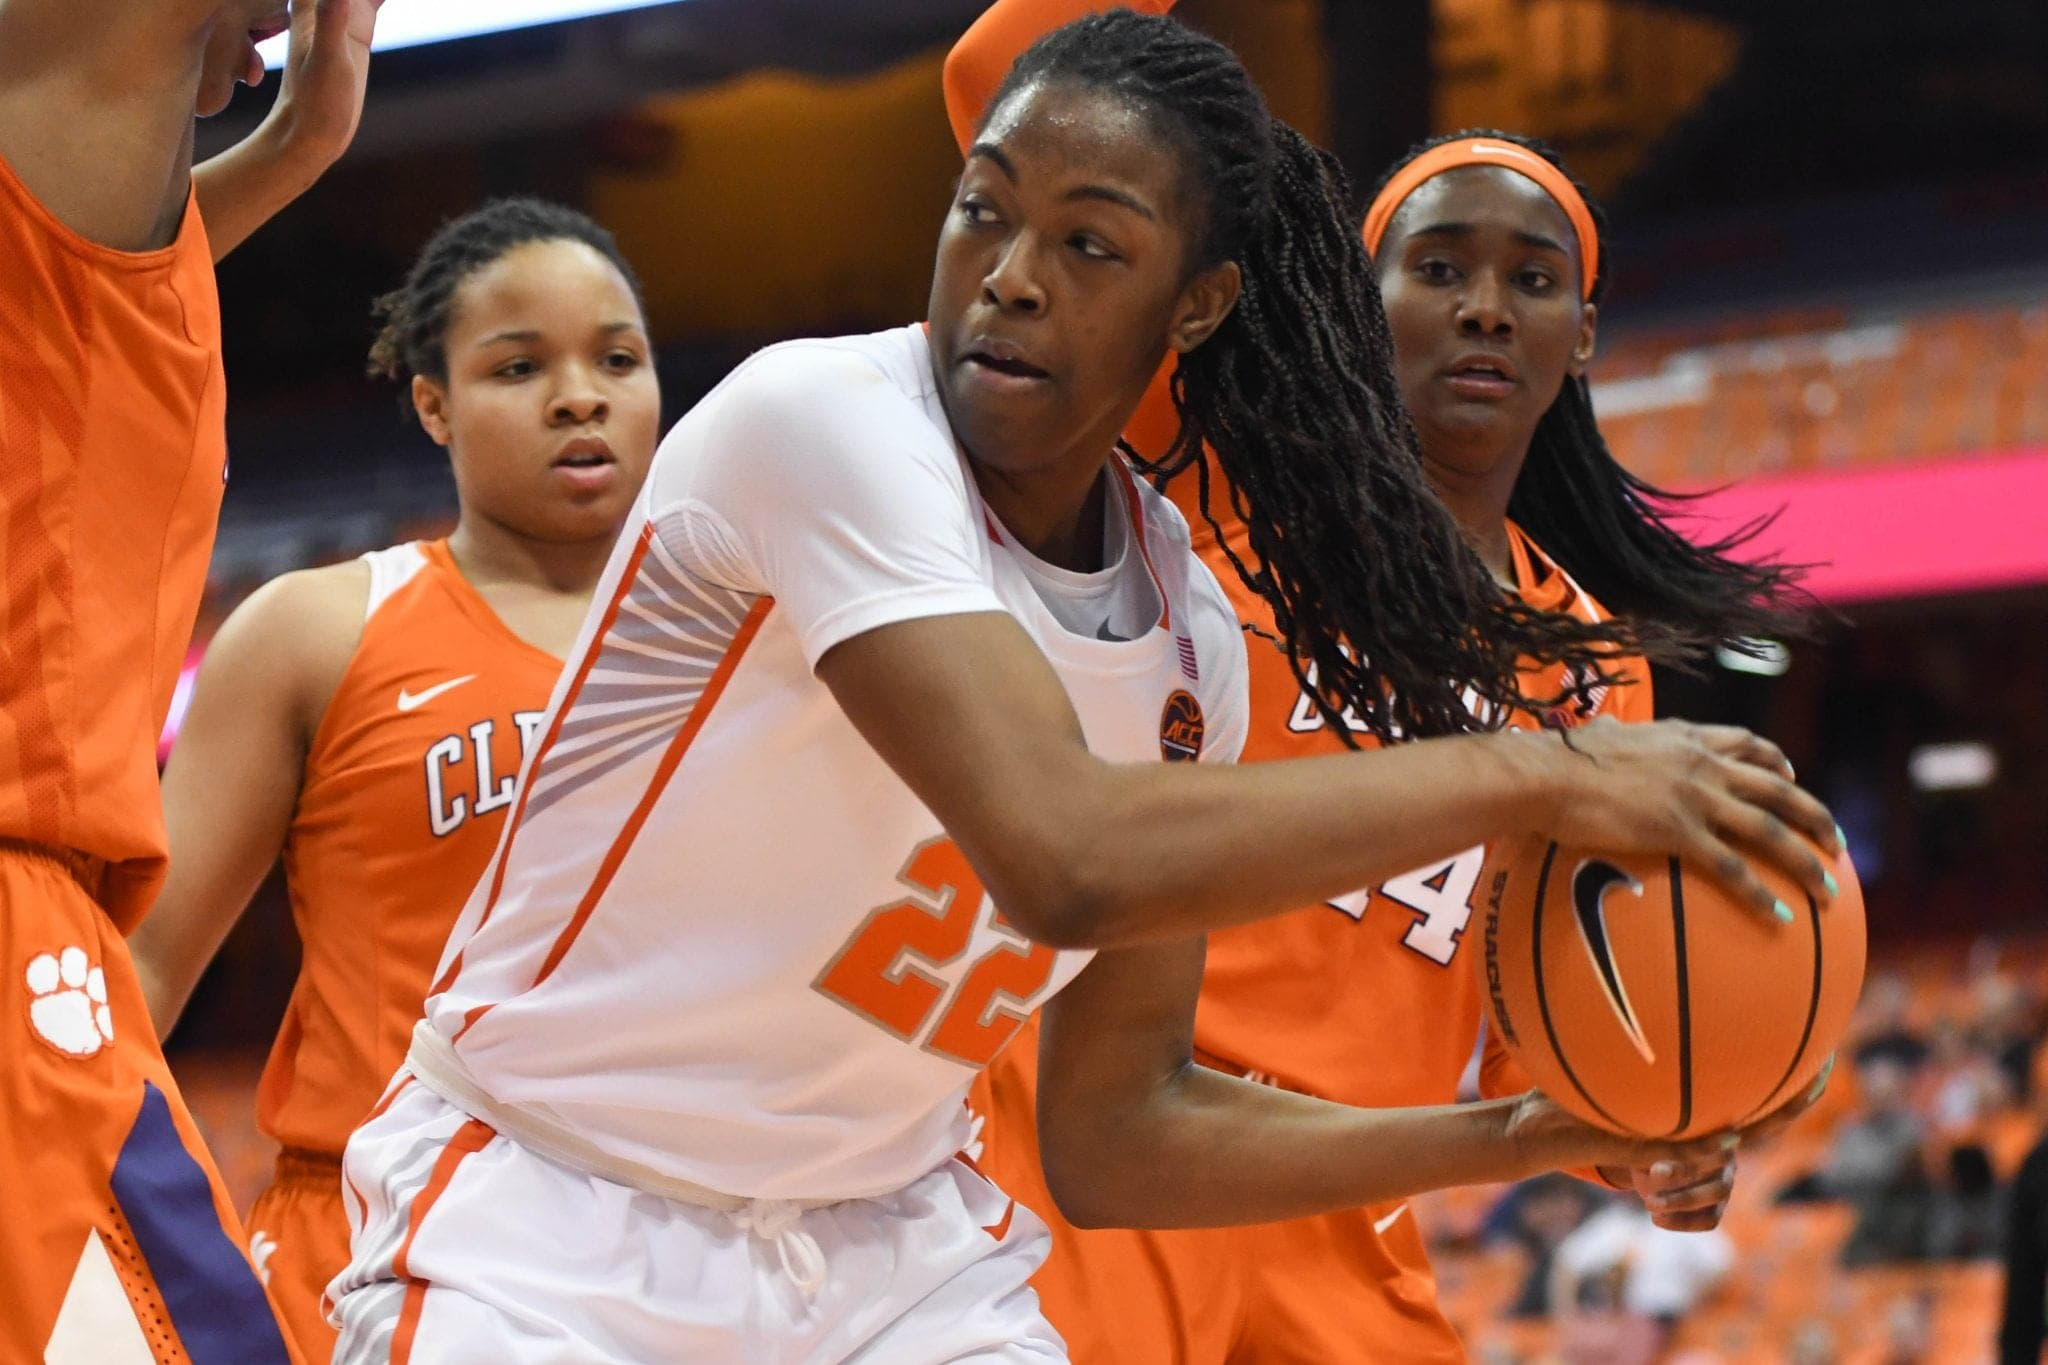 Women's basketball against Clemson